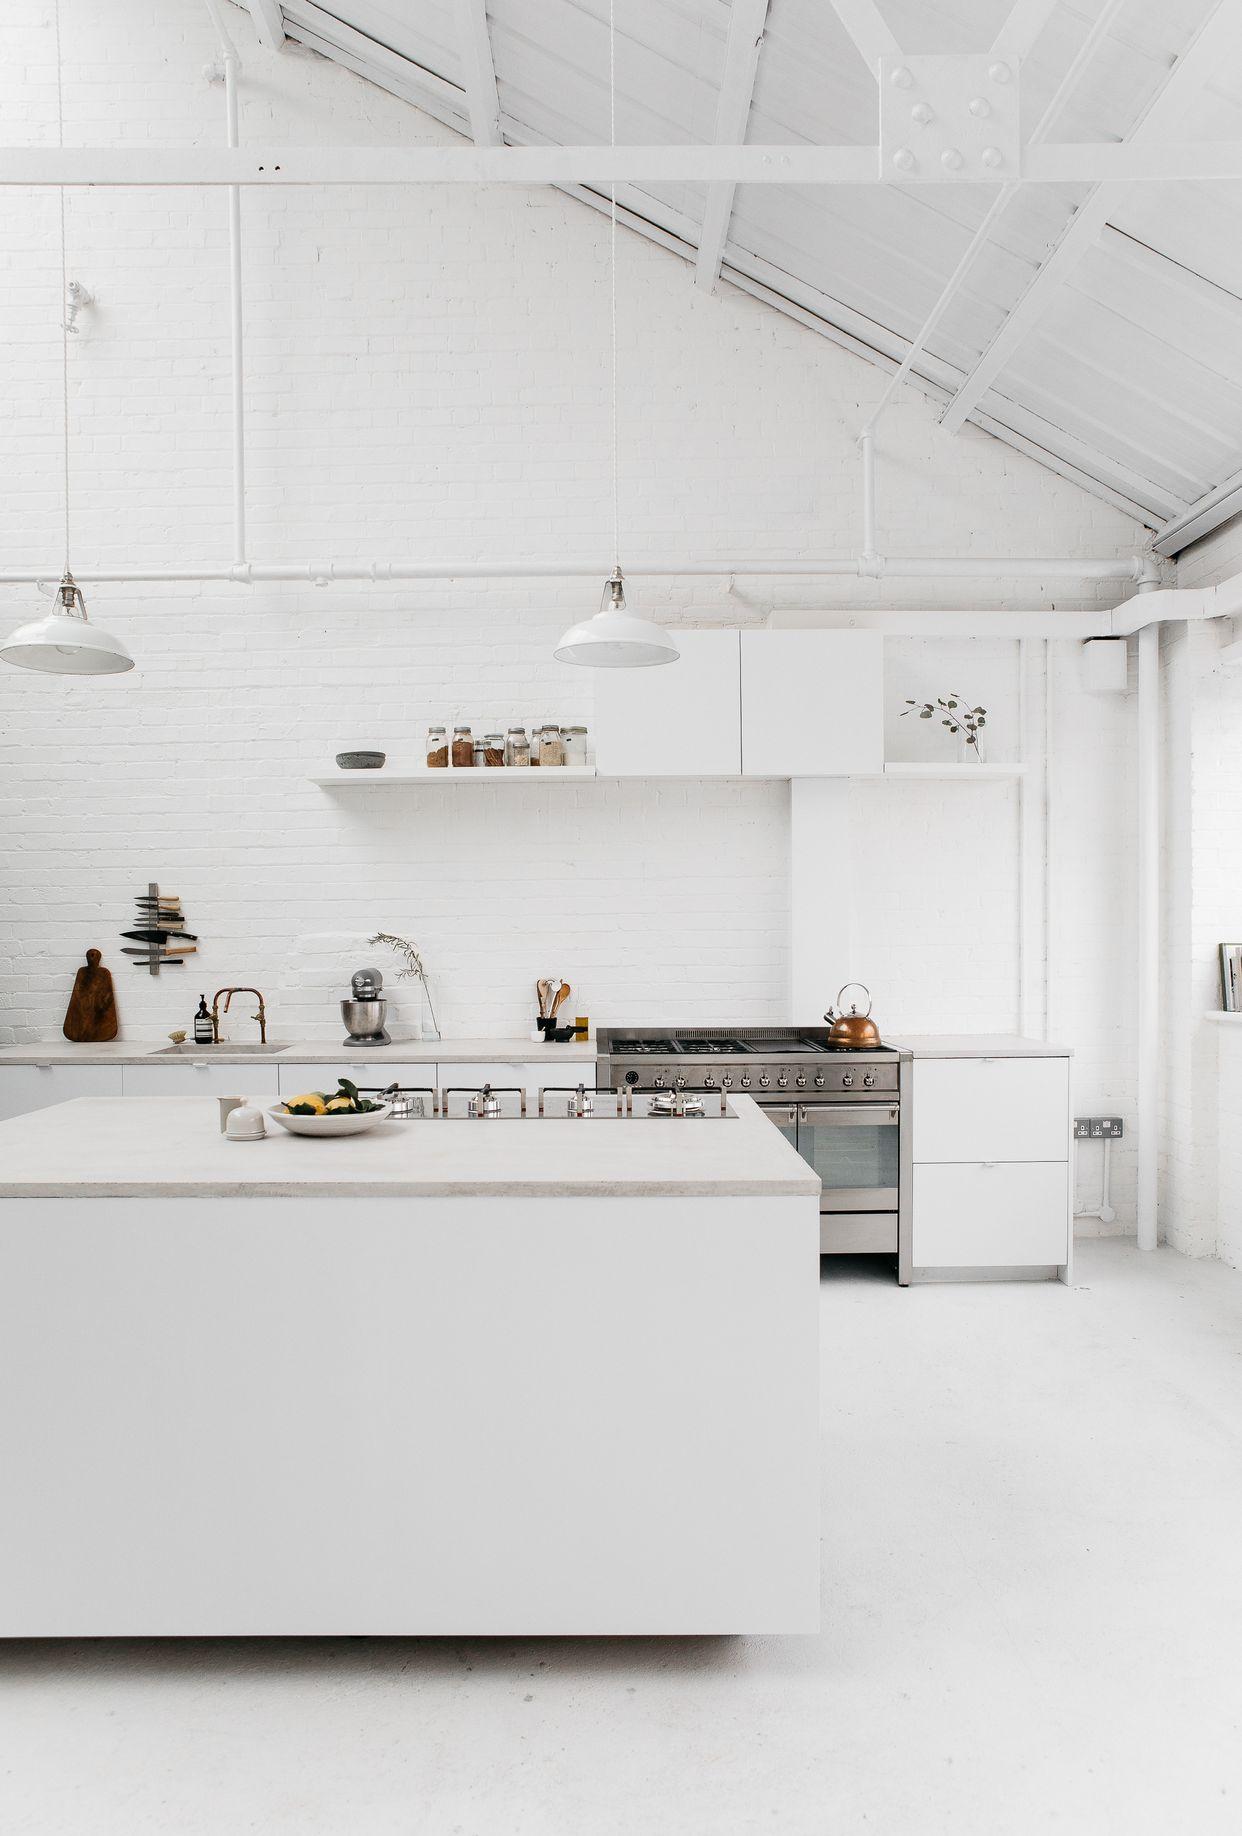 Großartig Innenarchitektur Küchen London Bilder - Küchen Design ...